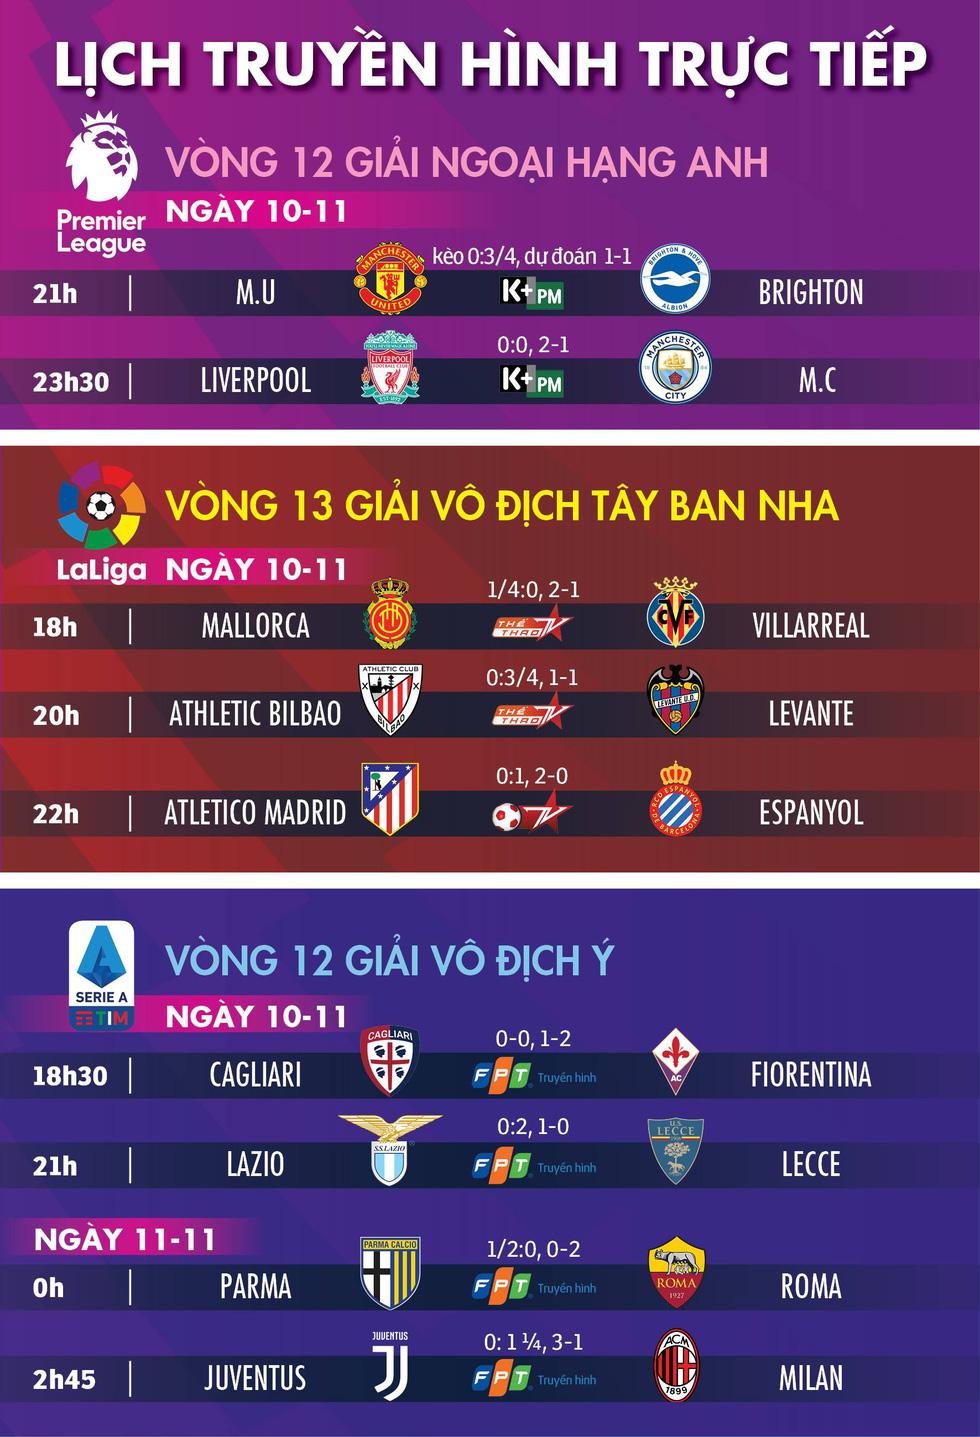 Lịch trực tiếp, kèo nhà cái, dự đoán bóng đá châu Âu: Liverpool đụng độ Man City - Ảnh 1.